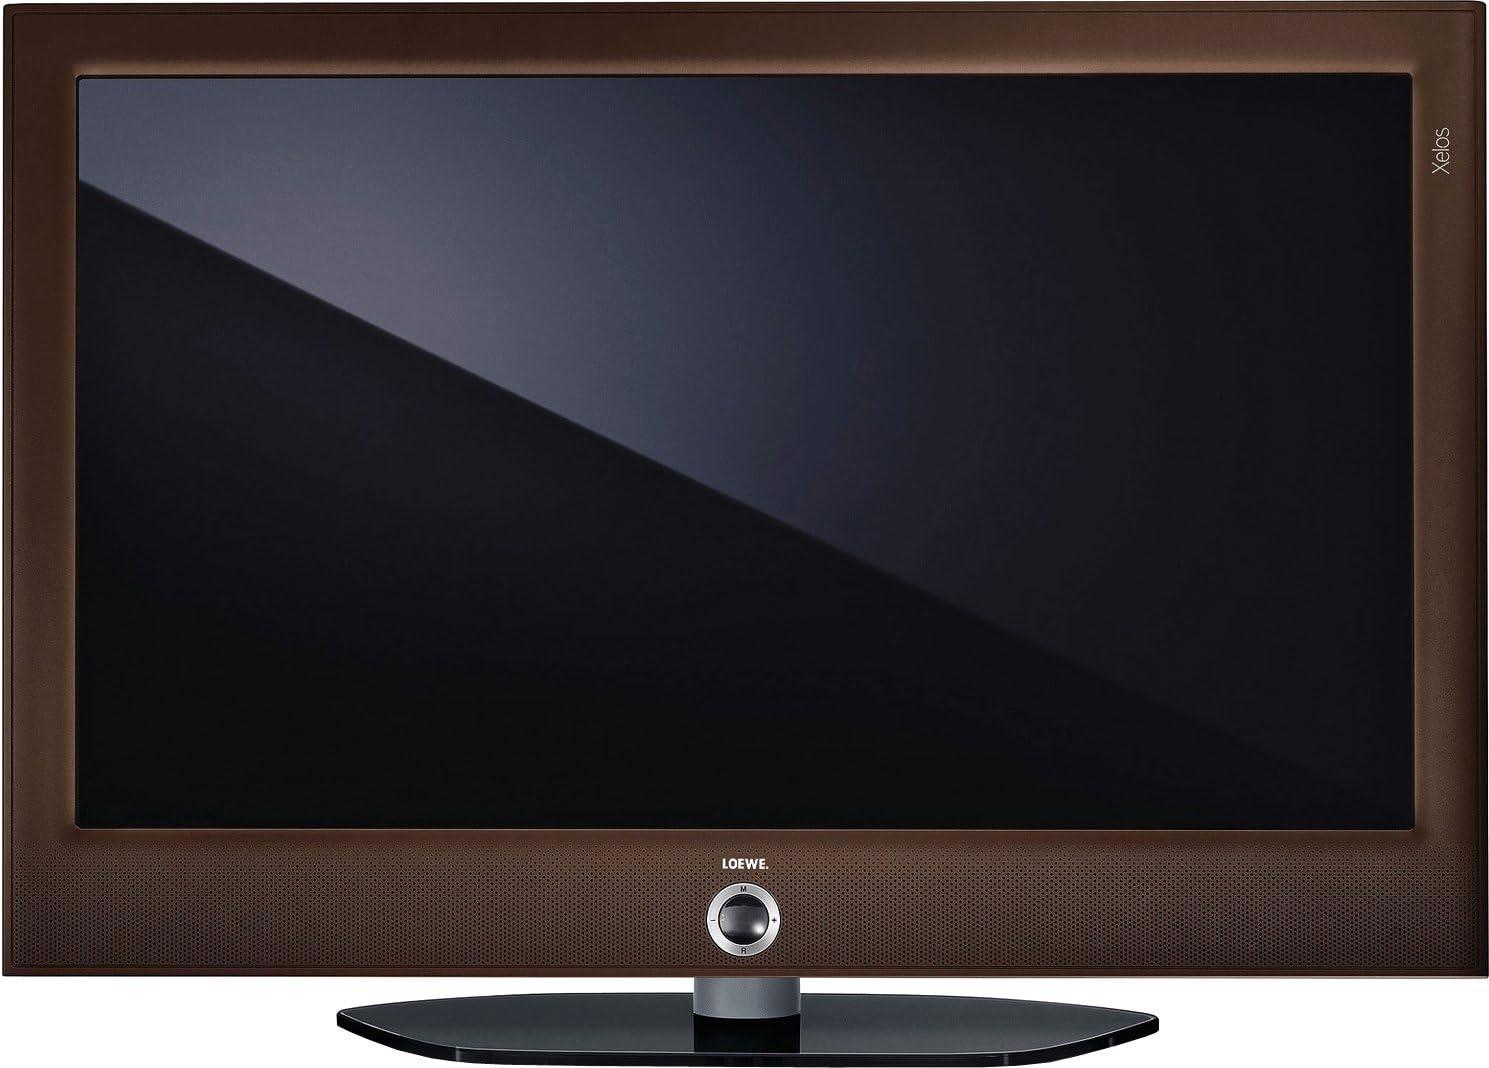 LOEWE Xelos 46 - Televisor (116,84 cm (46